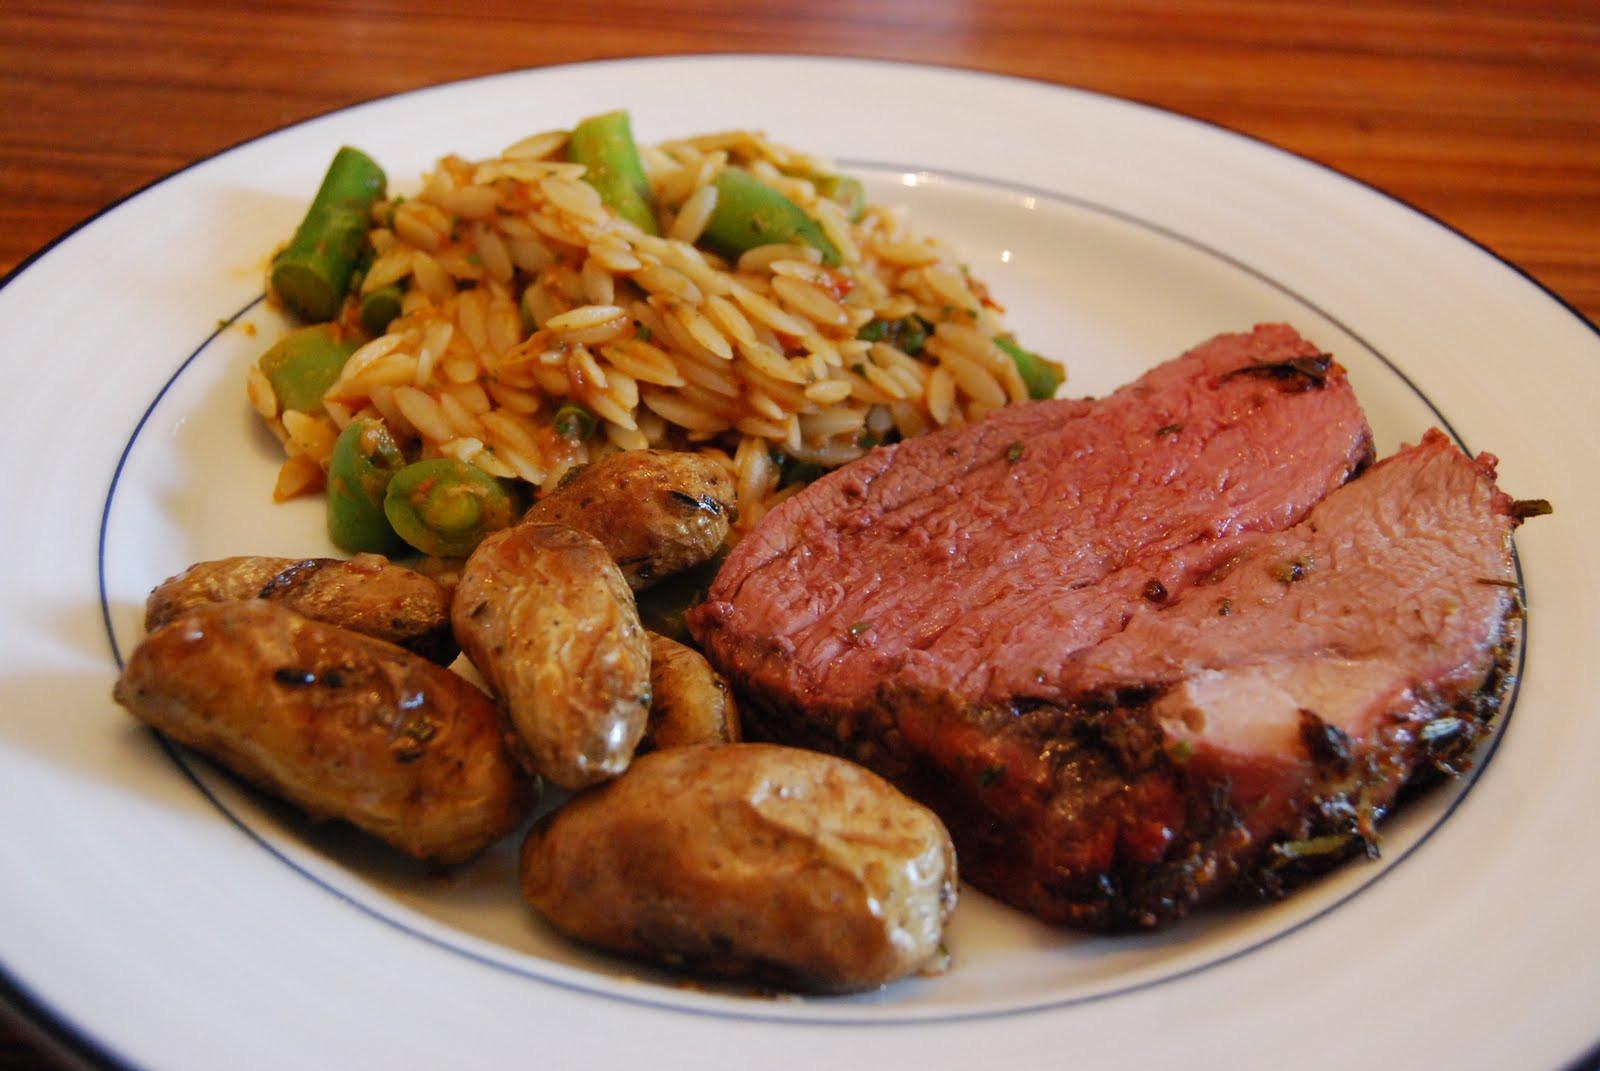 Easter Sunday Dinner  EAT Everyday An Easter Sunday Dinner